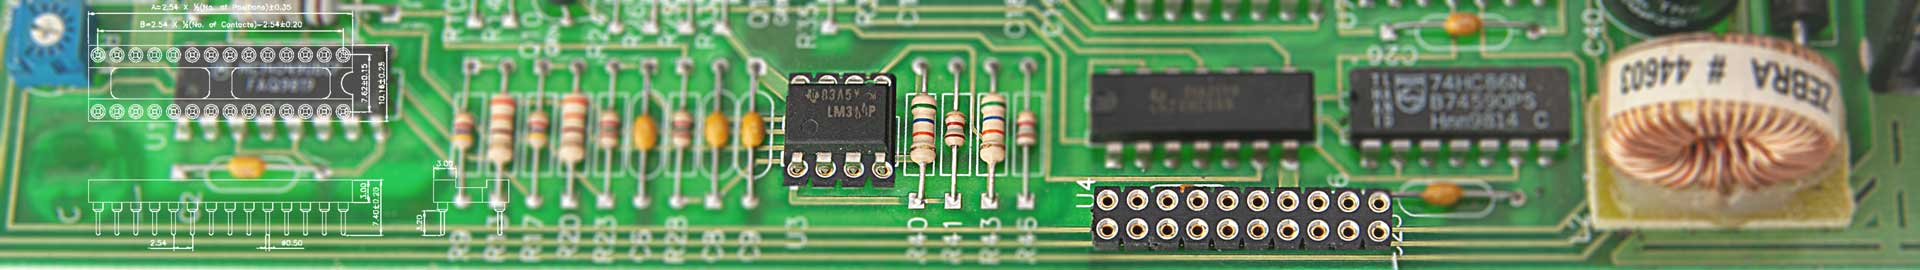 Die IC-Streifen und IC-Fassungen